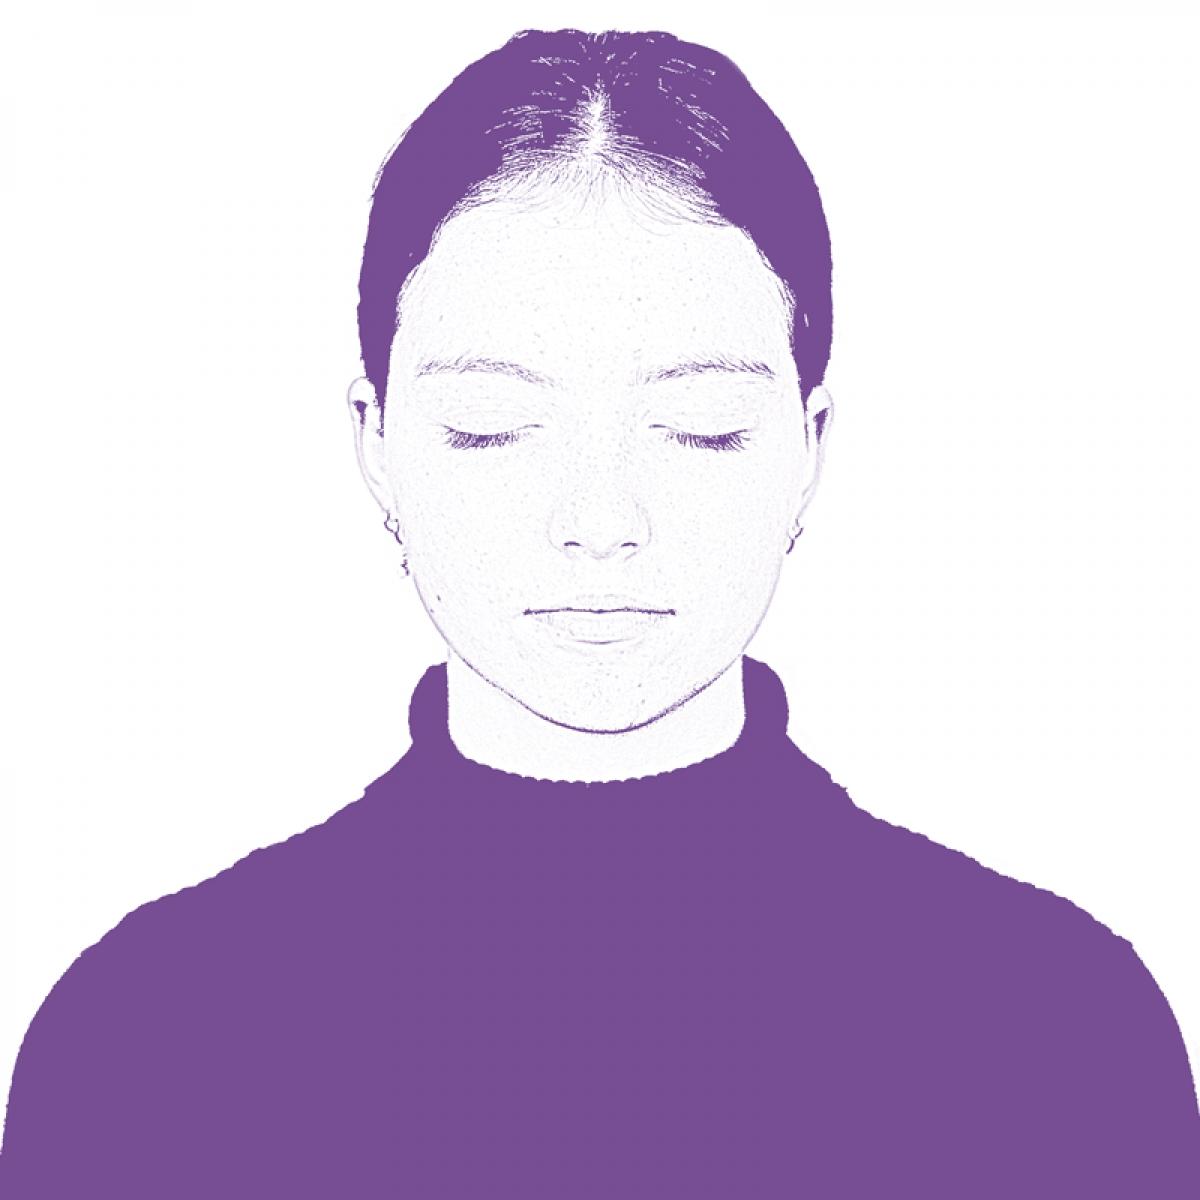 Kunst: Motion- Ogen open-dicht van kunstenaar Marieke Gaymans